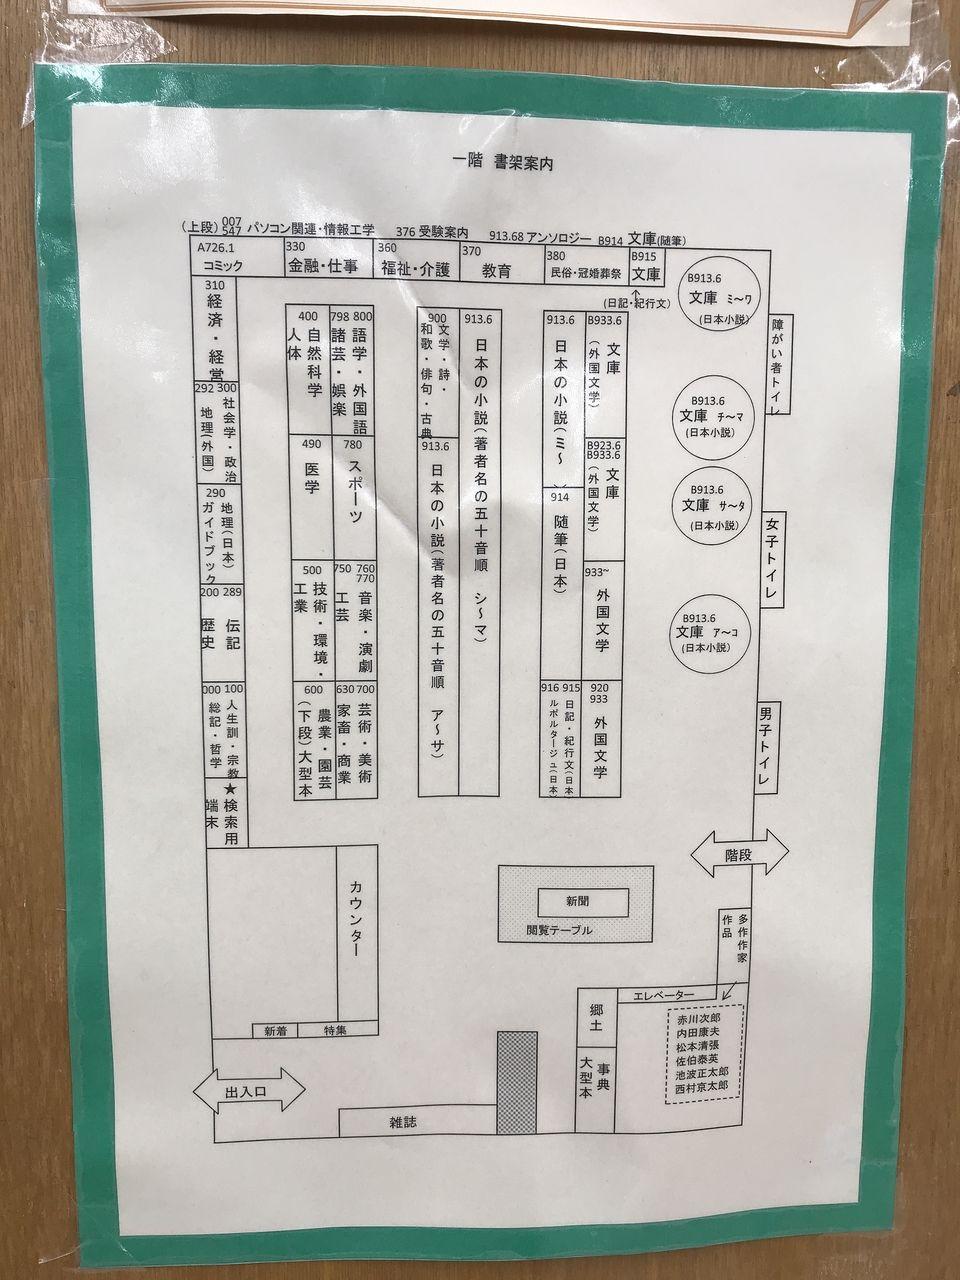 南行徳図書館の館内図